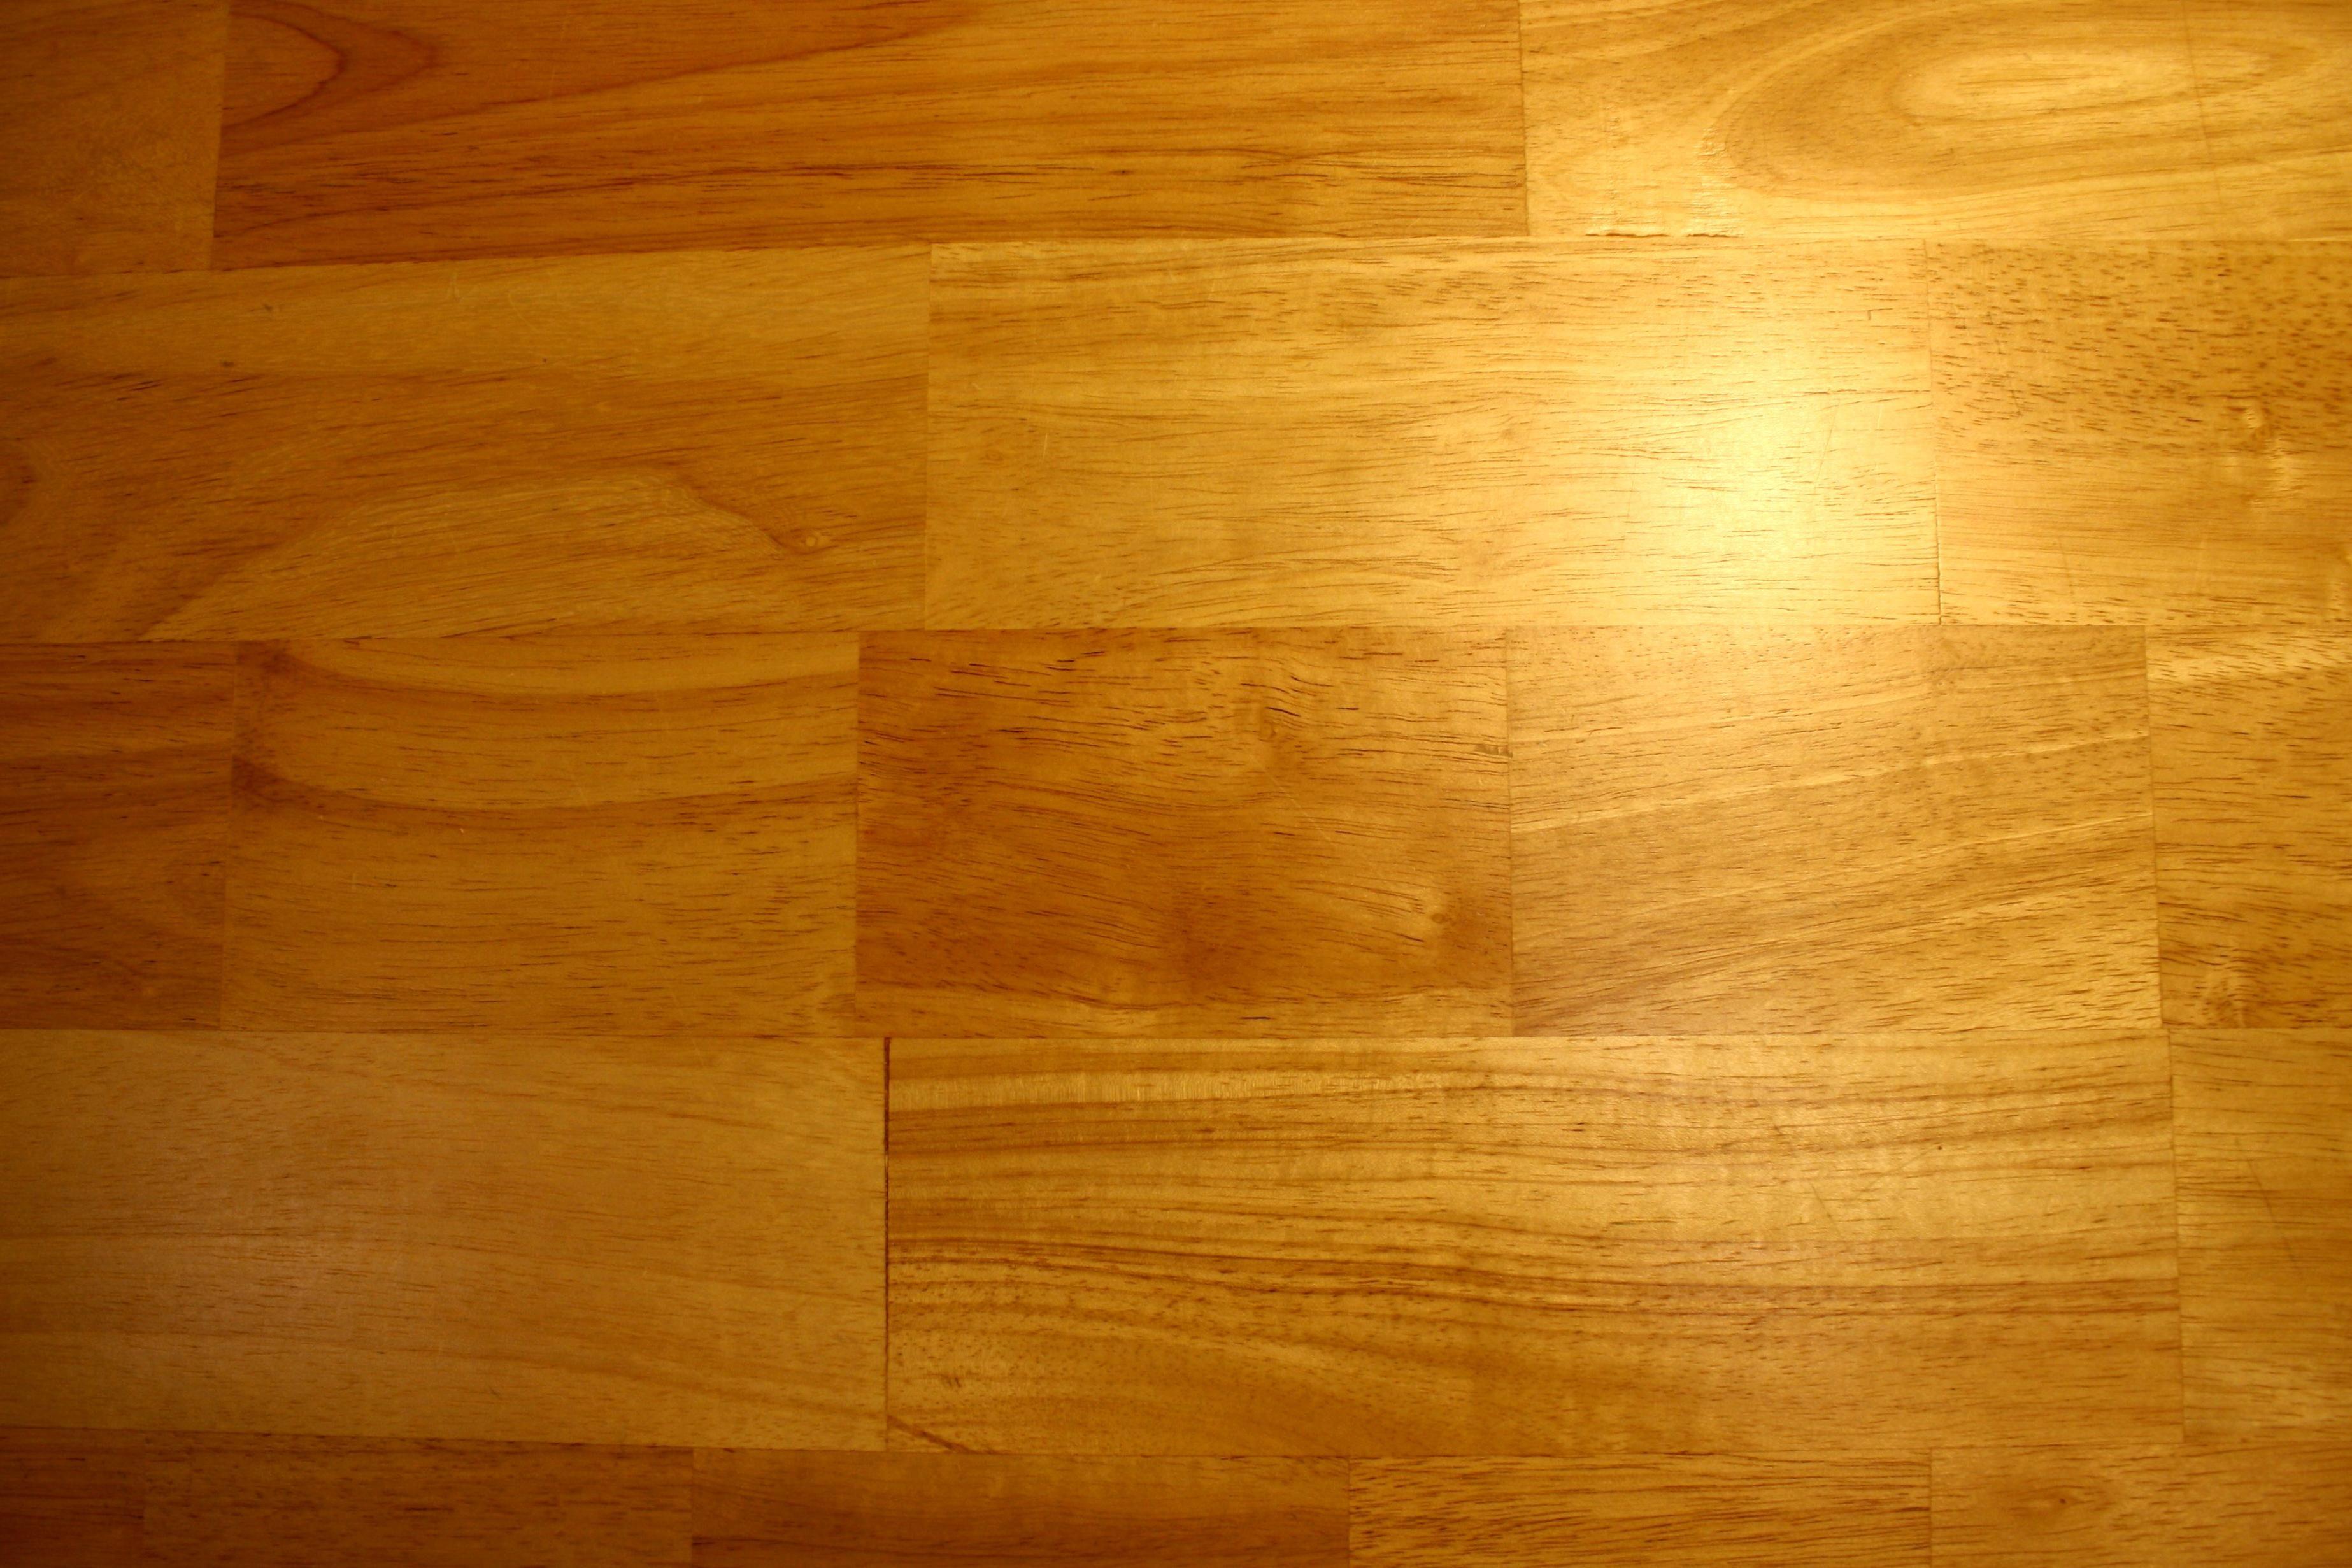 Parkett textur  Kostenlose Bild: Holzboden, Parkett, Textur